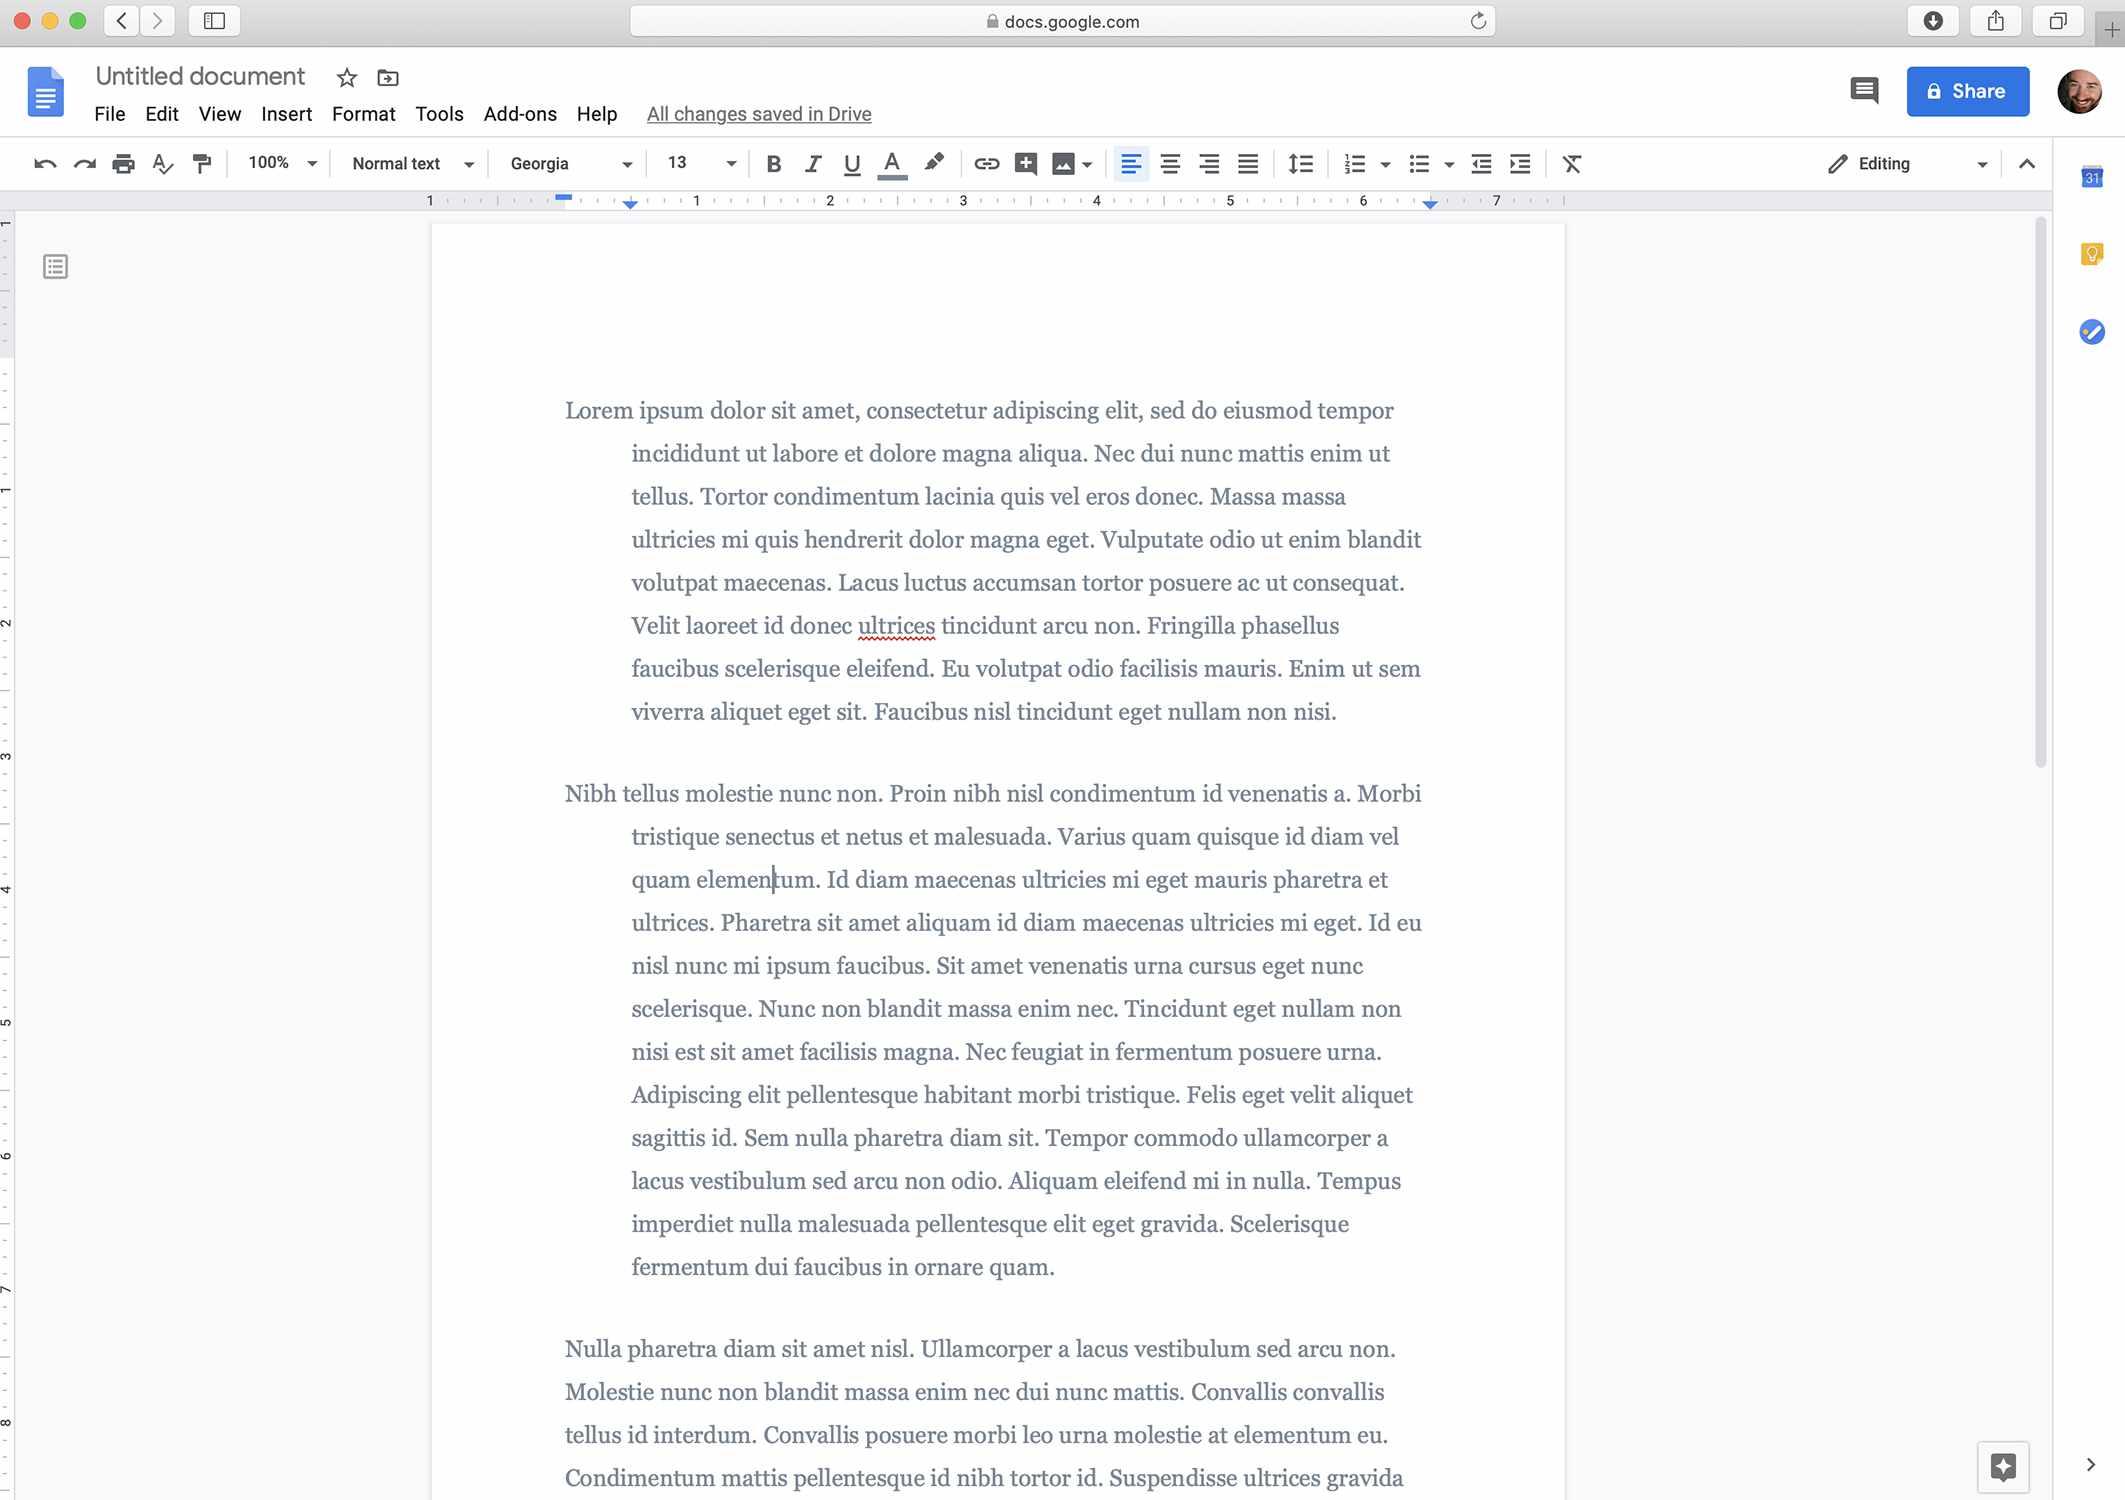 Google Docs screenshot with a hanging indent